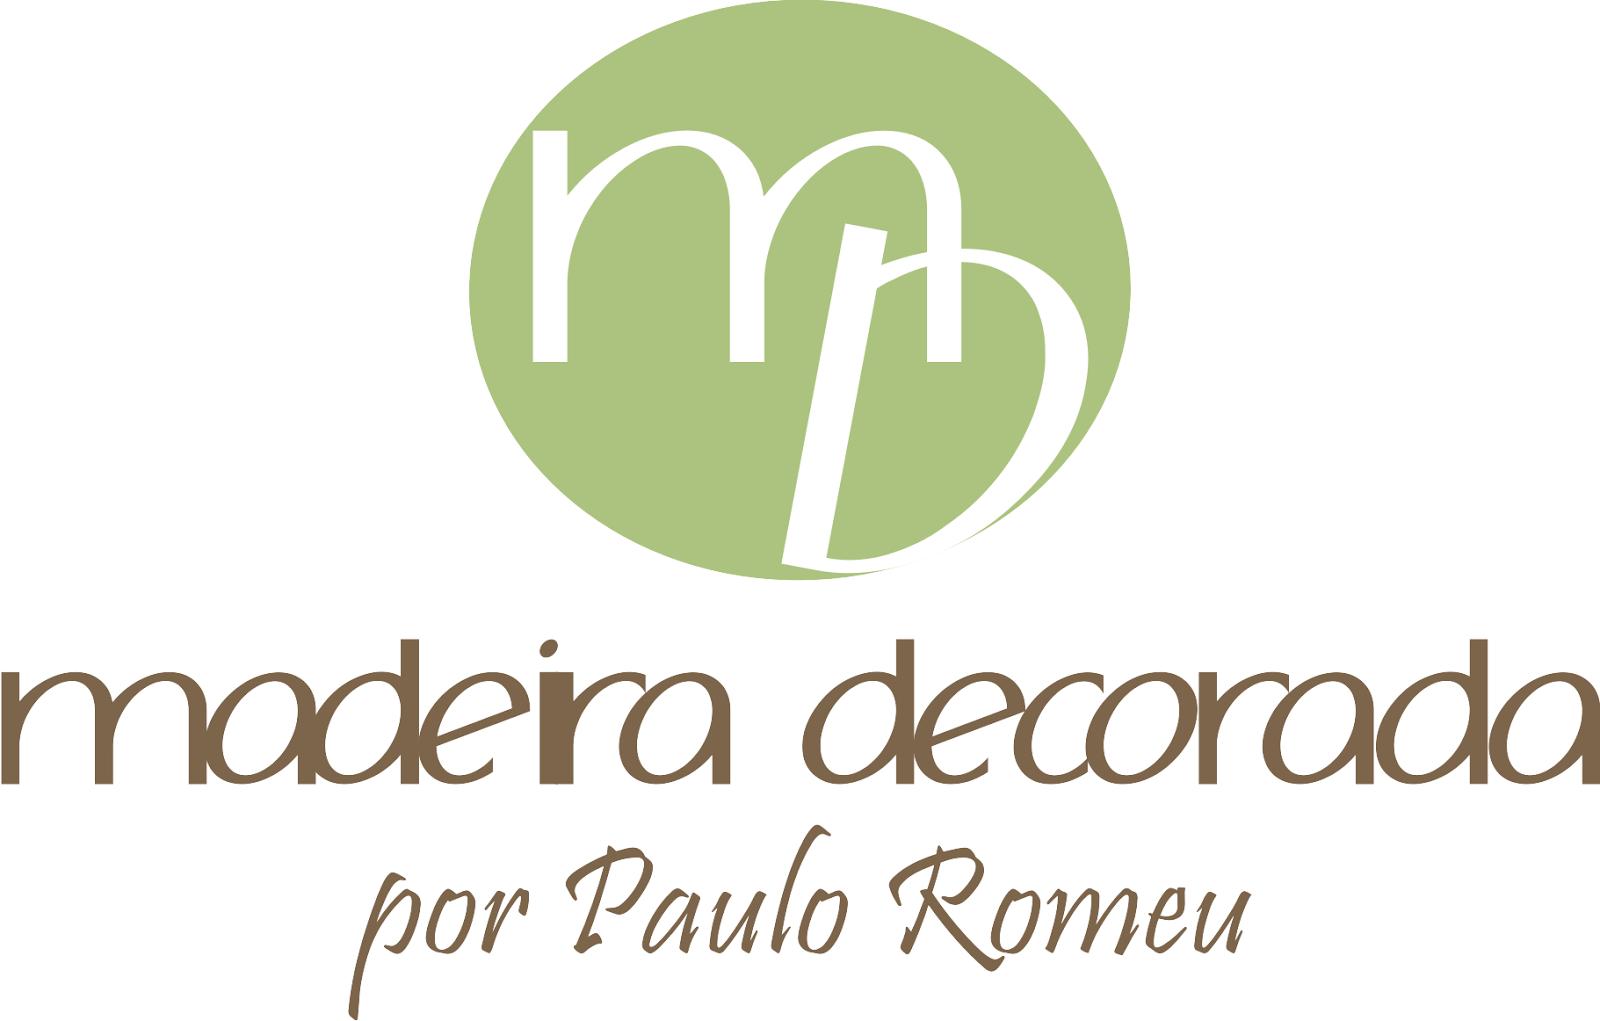 Madeira Decorada